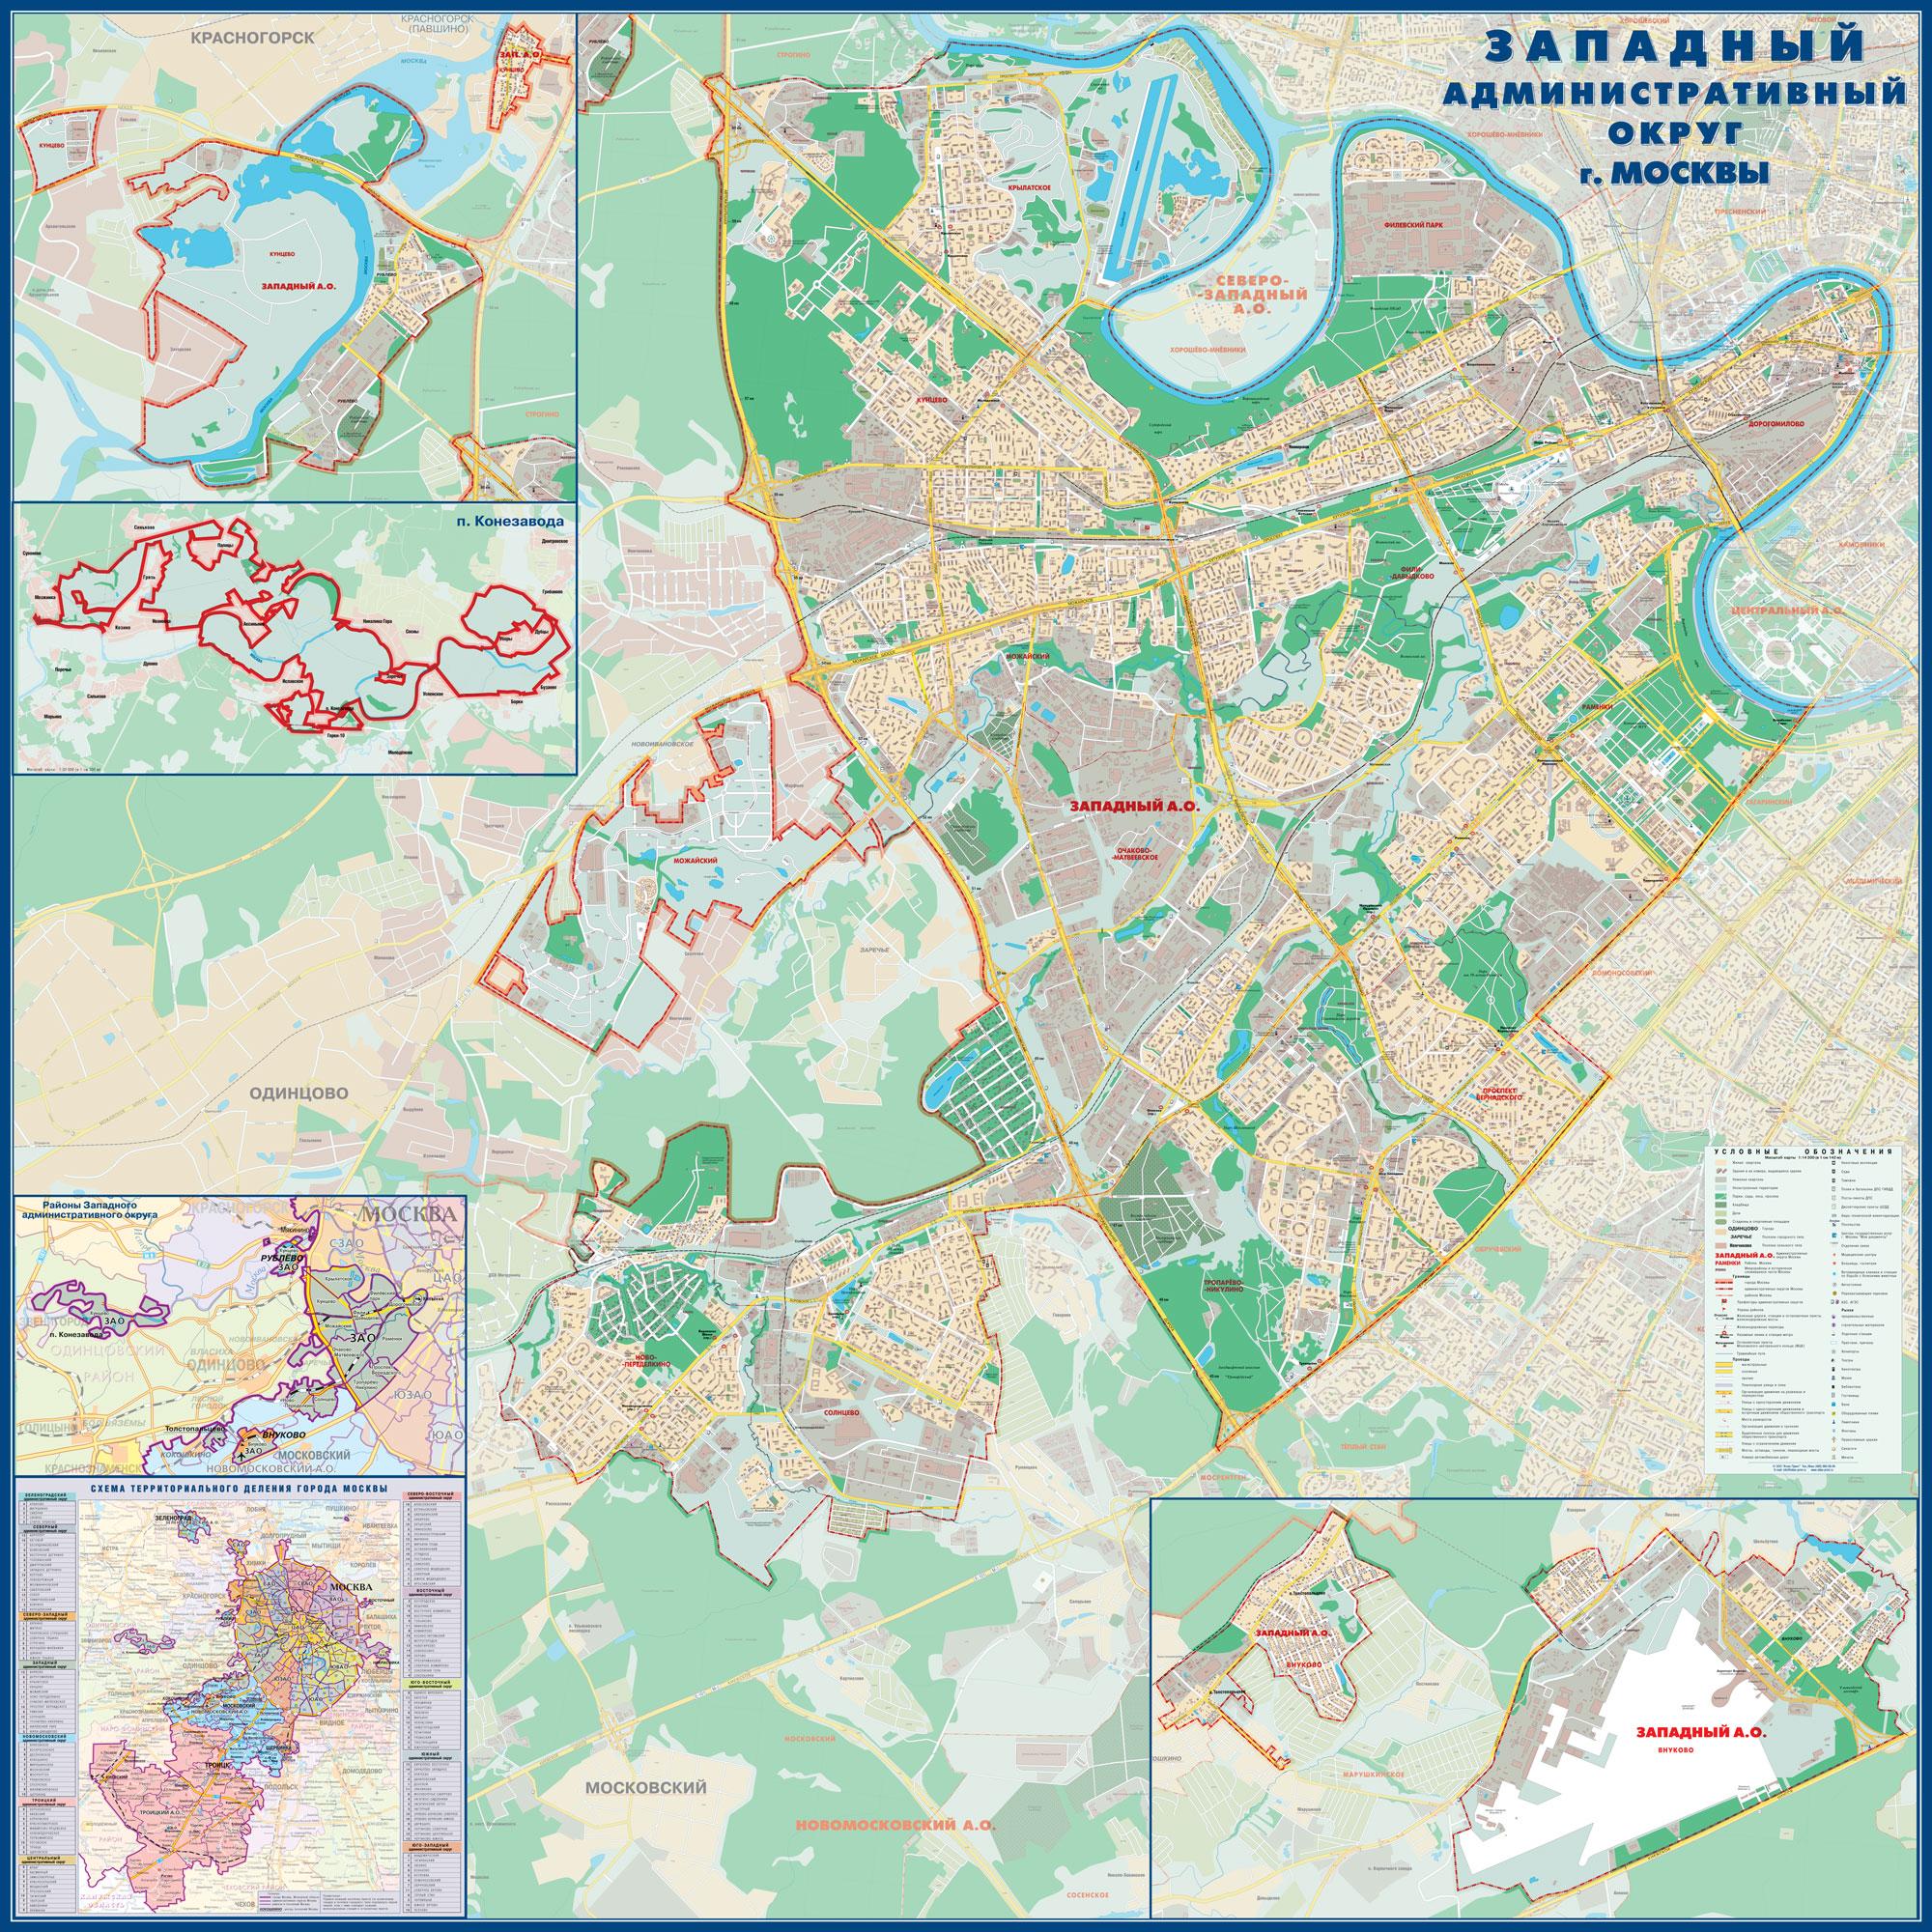 Настенная карта Западного административного округа Москвы. ЗАО размер 1,50х1,50 м. выполняется на заказ